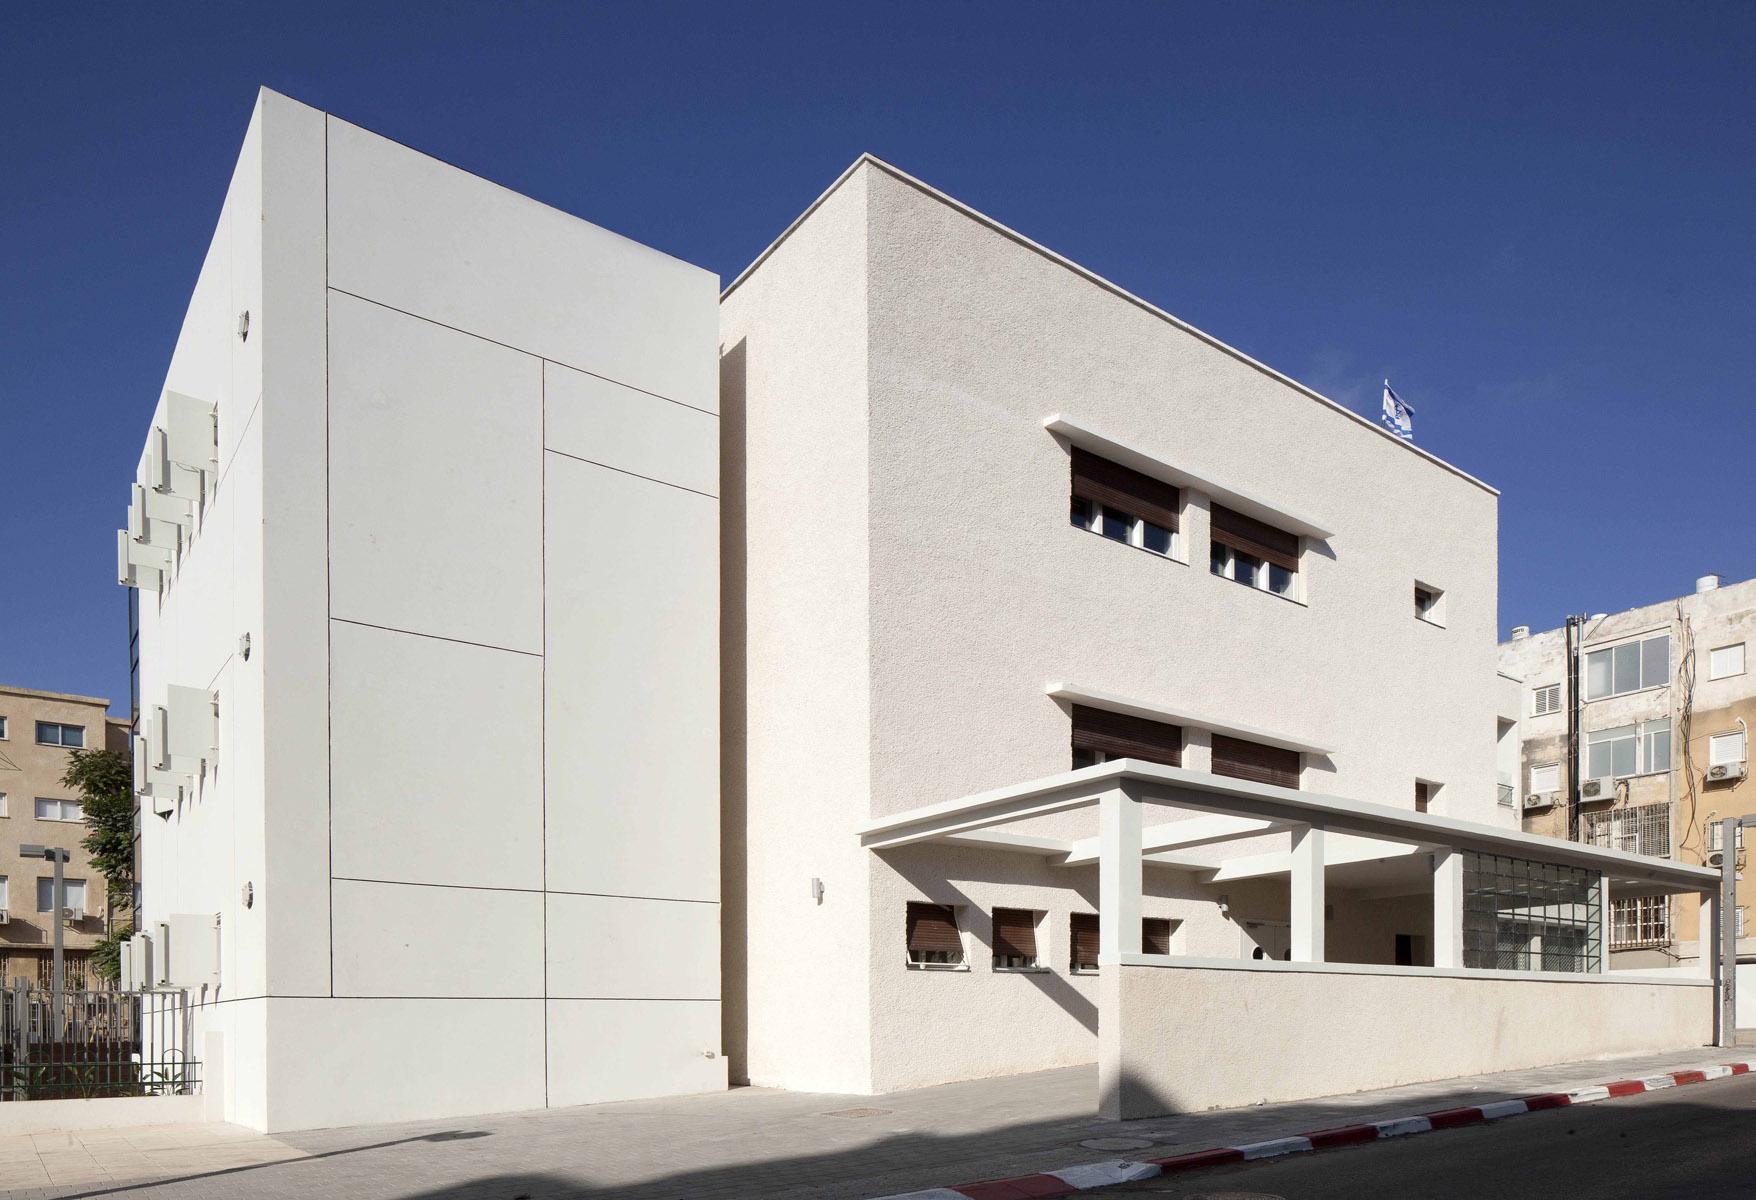 בית ספר בלפור_מזאה 13_תכנון- יואב מסר אדריכלים_3 copy